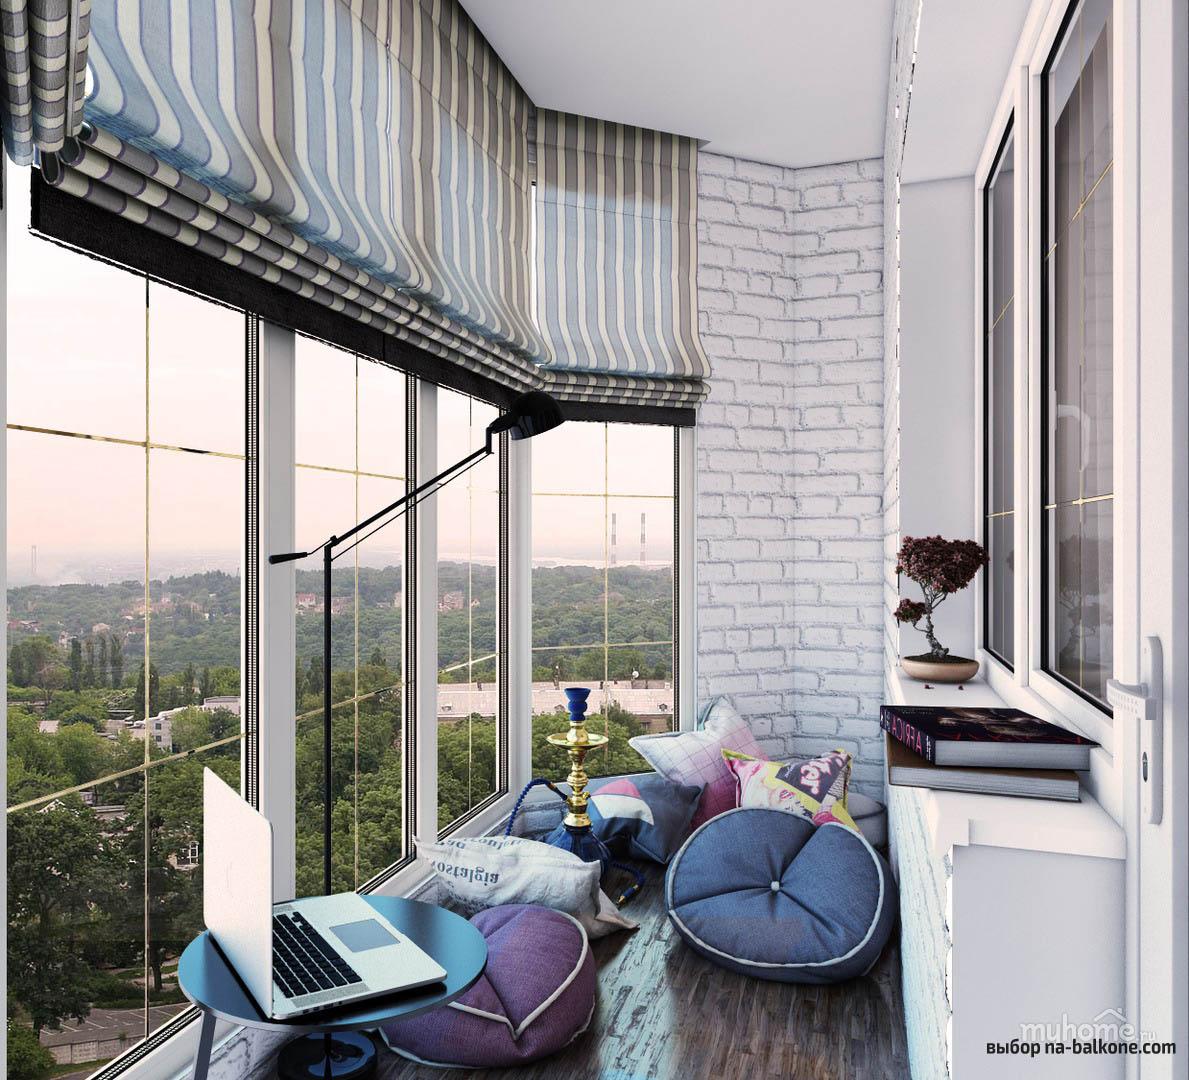 Про балконы с панорамным остеклением. плюсы и минусы. денис .